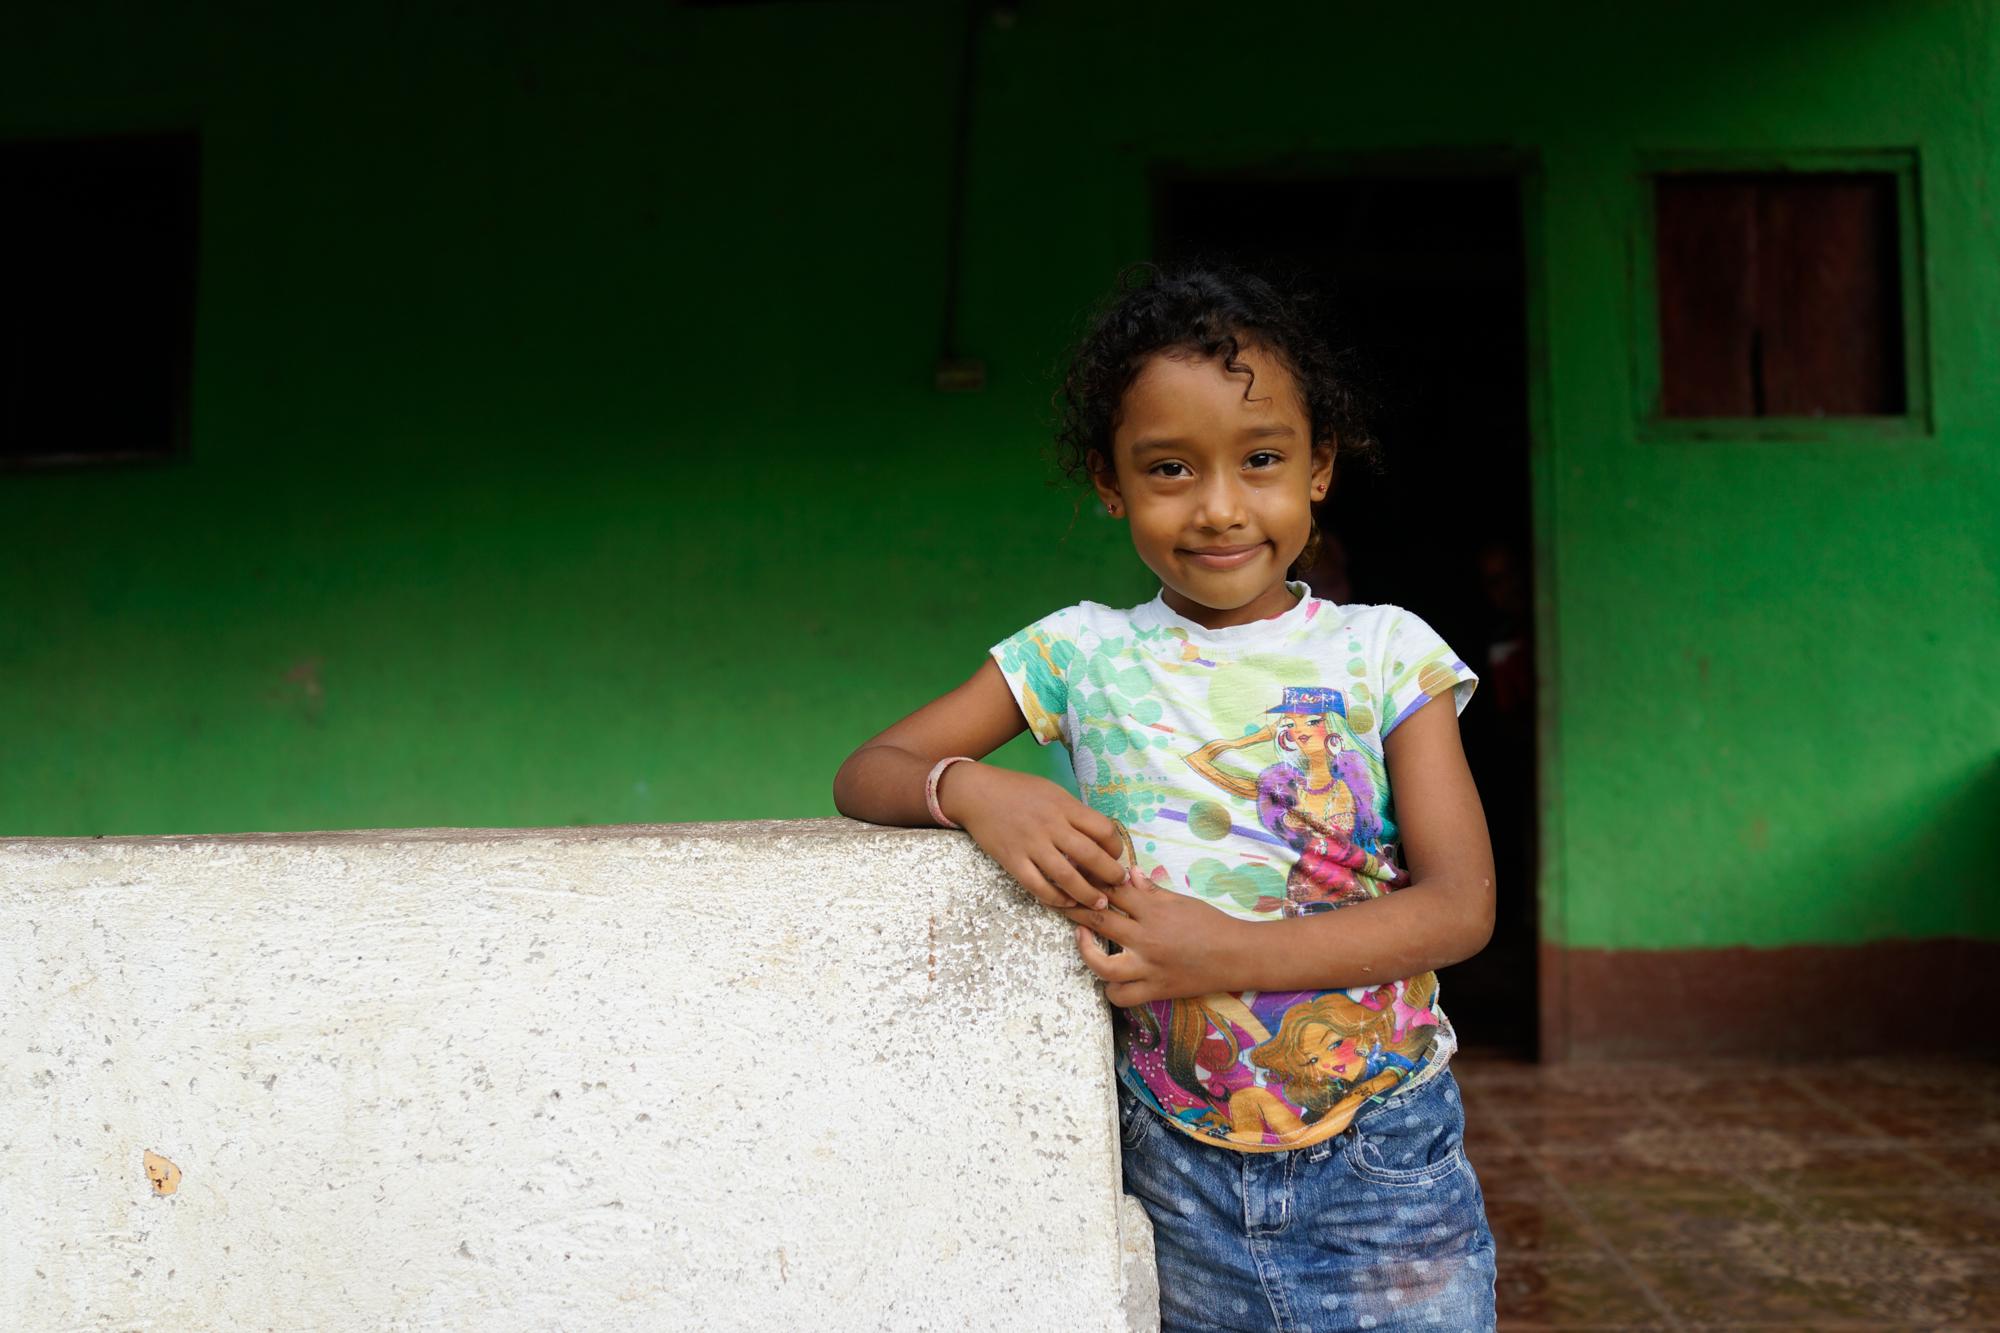 nicaragua-volunteering-11.JPG